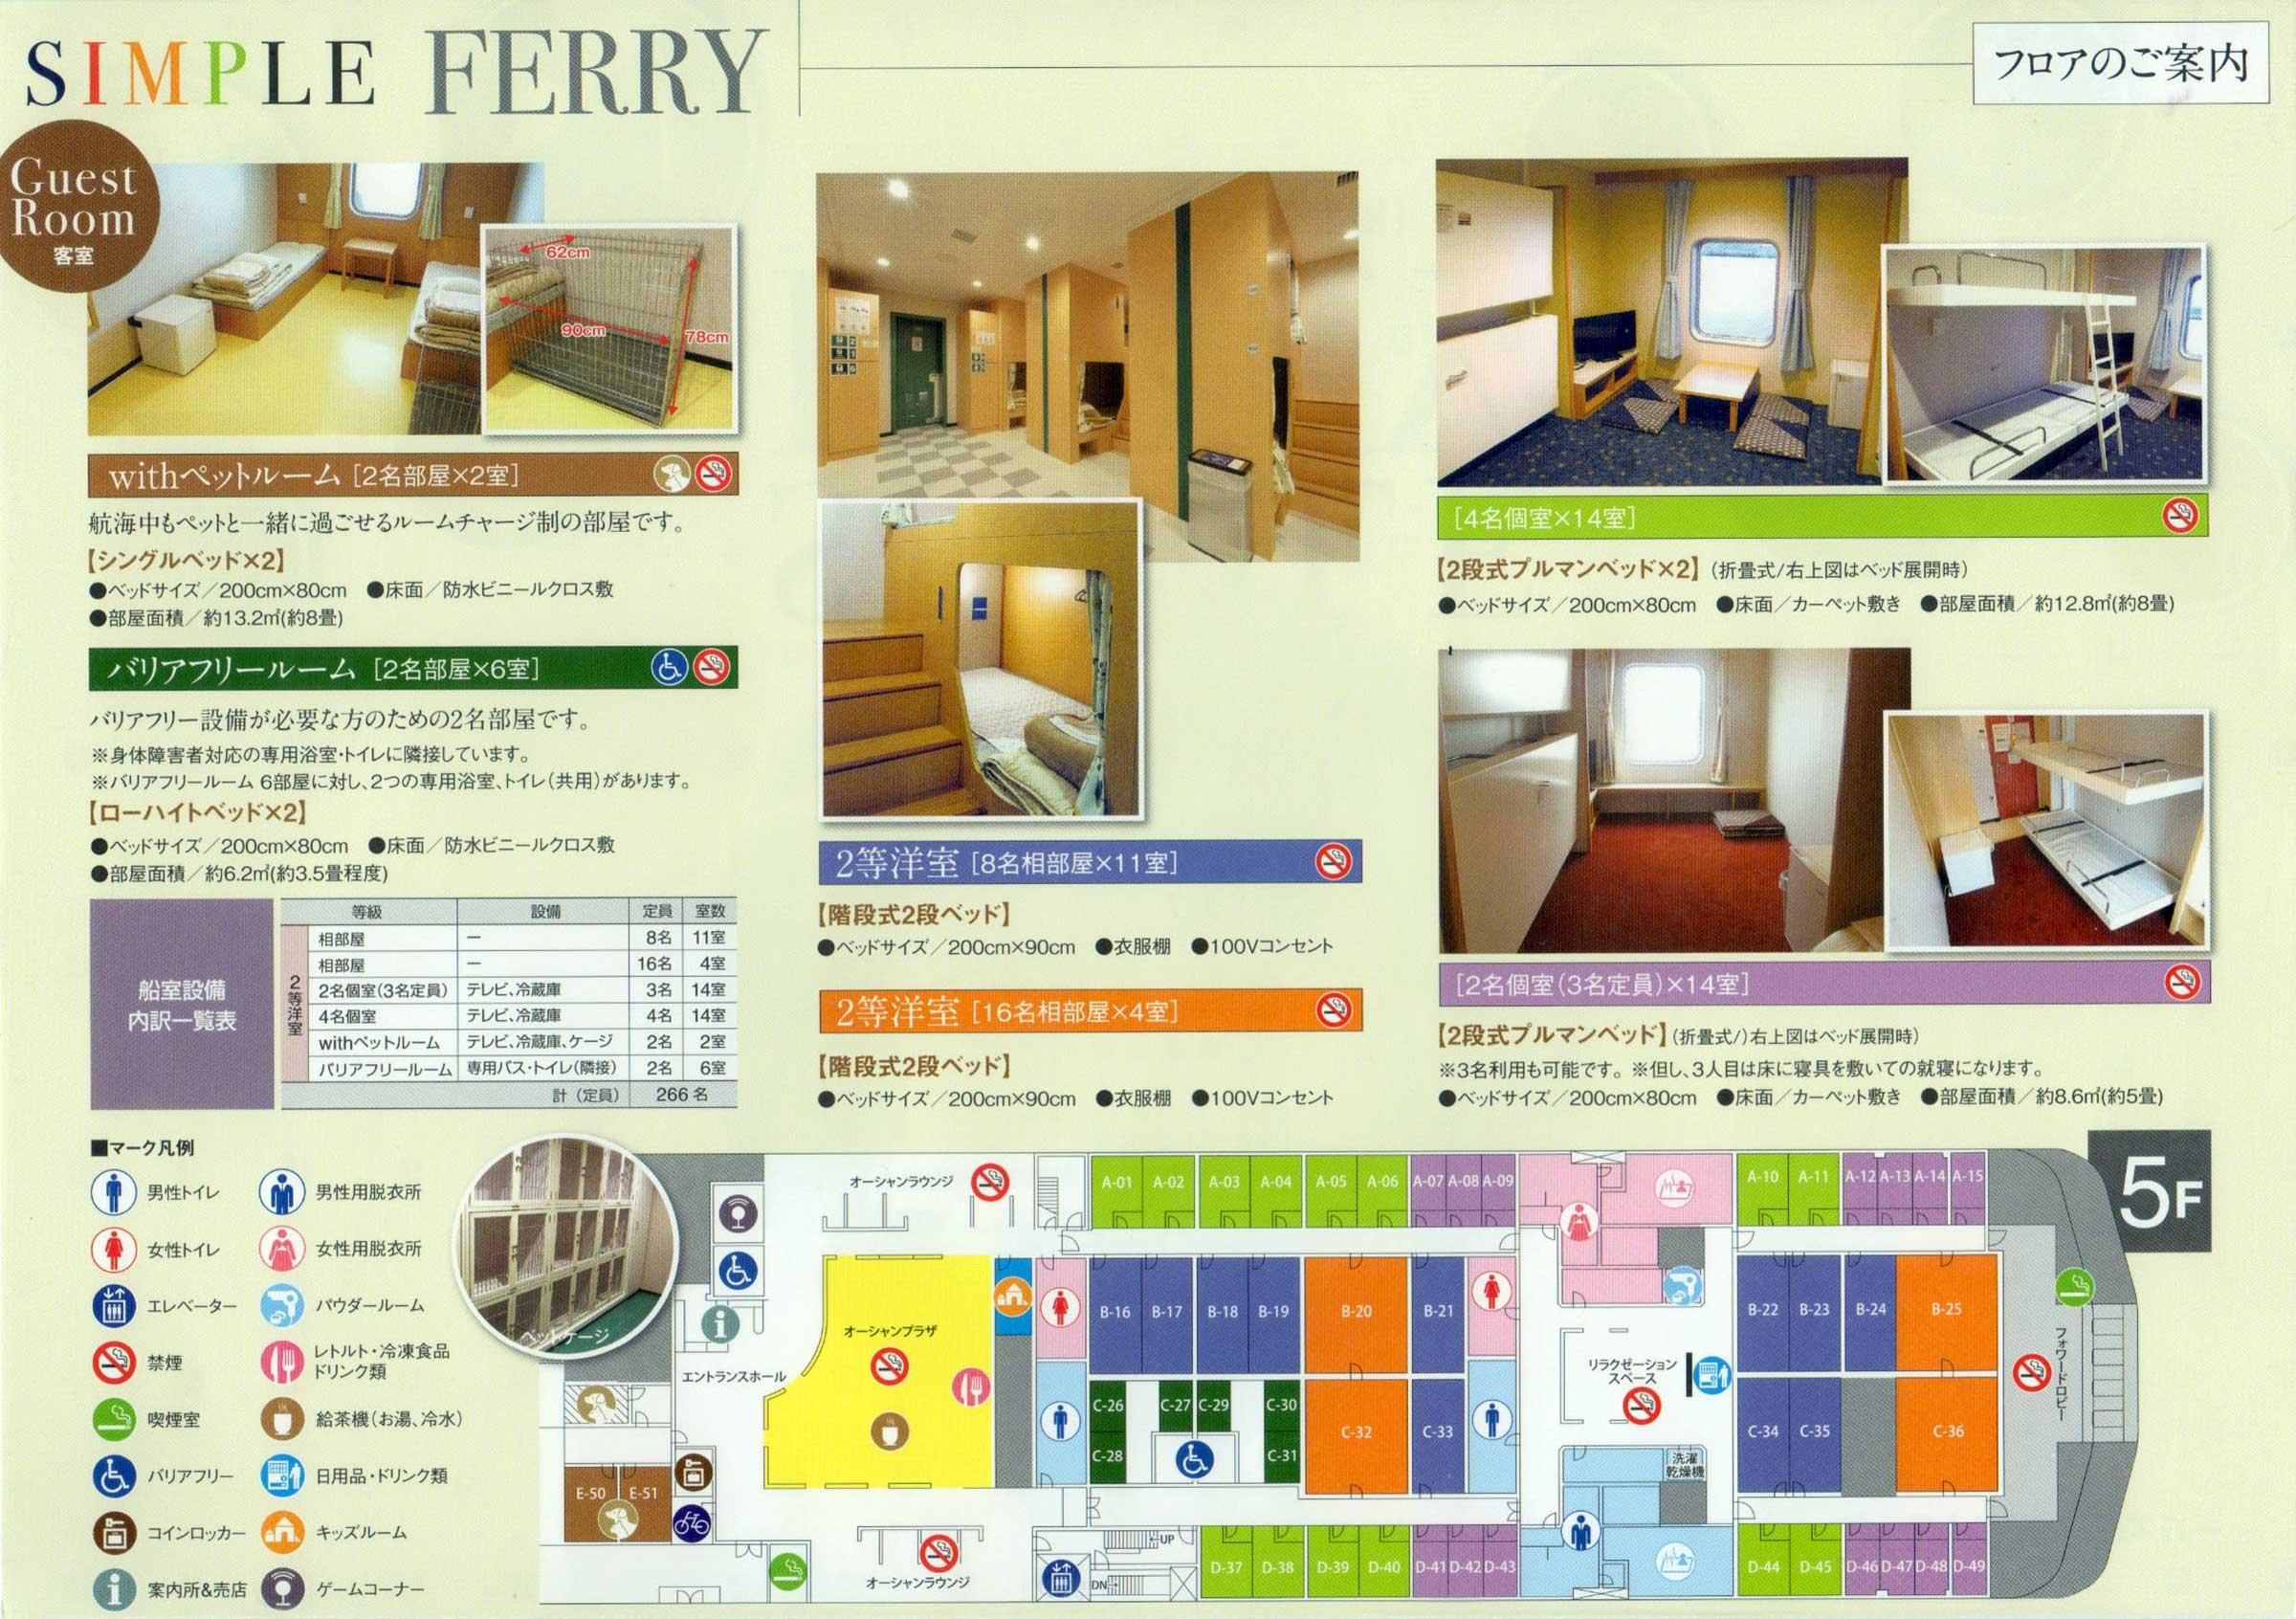 オーシャン東九フェリーの船内の案内図